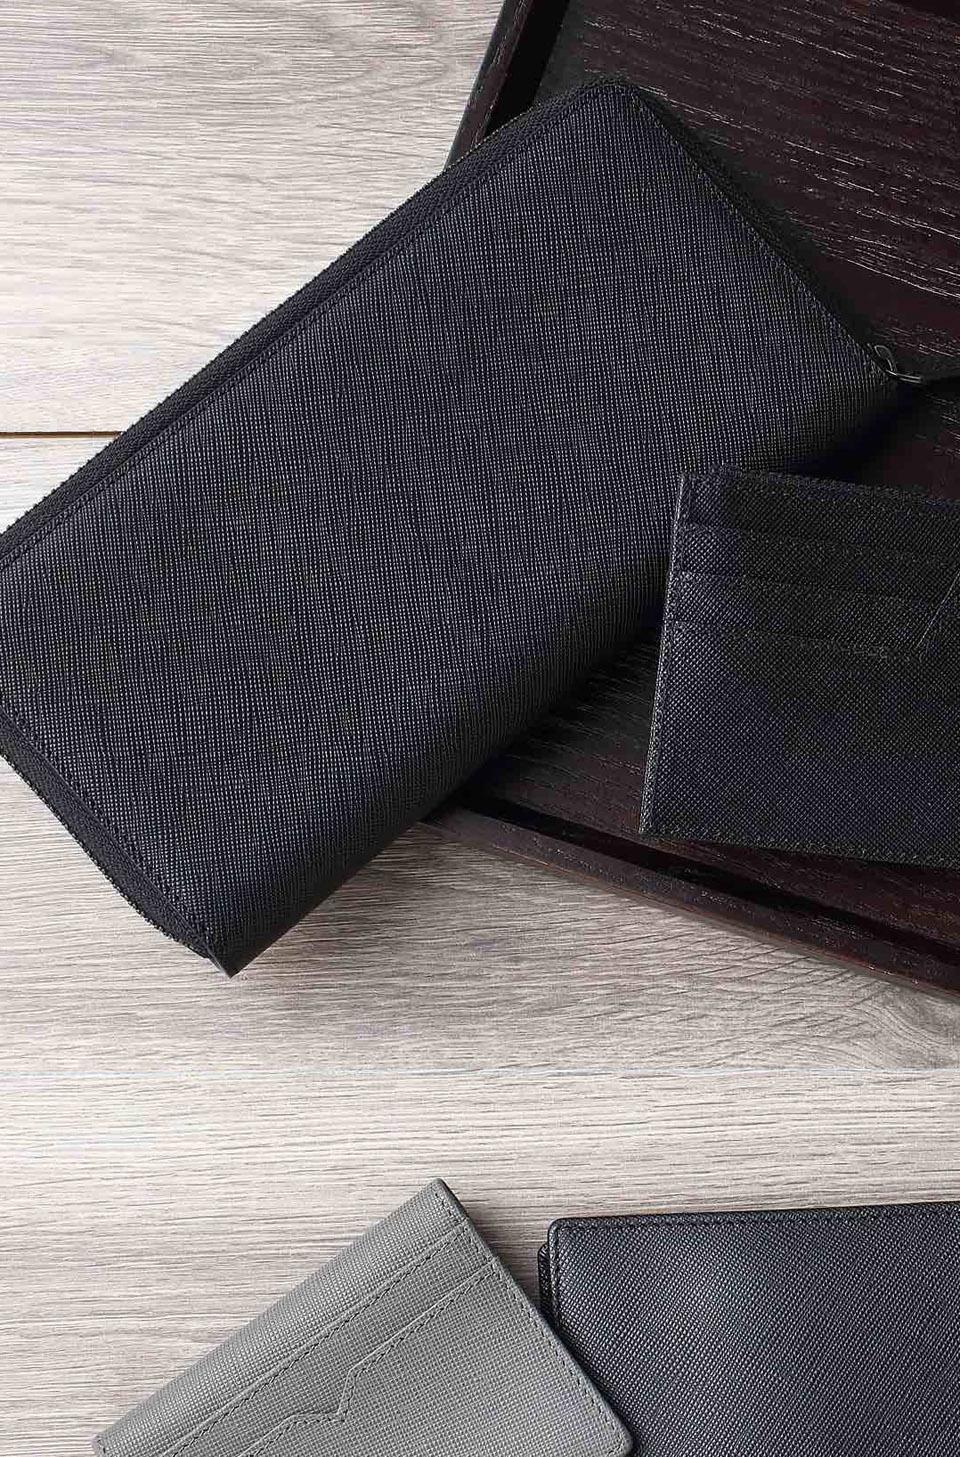 Бумажник кожаный RunMi 90 Points Long Wallet несколько видов бумажников